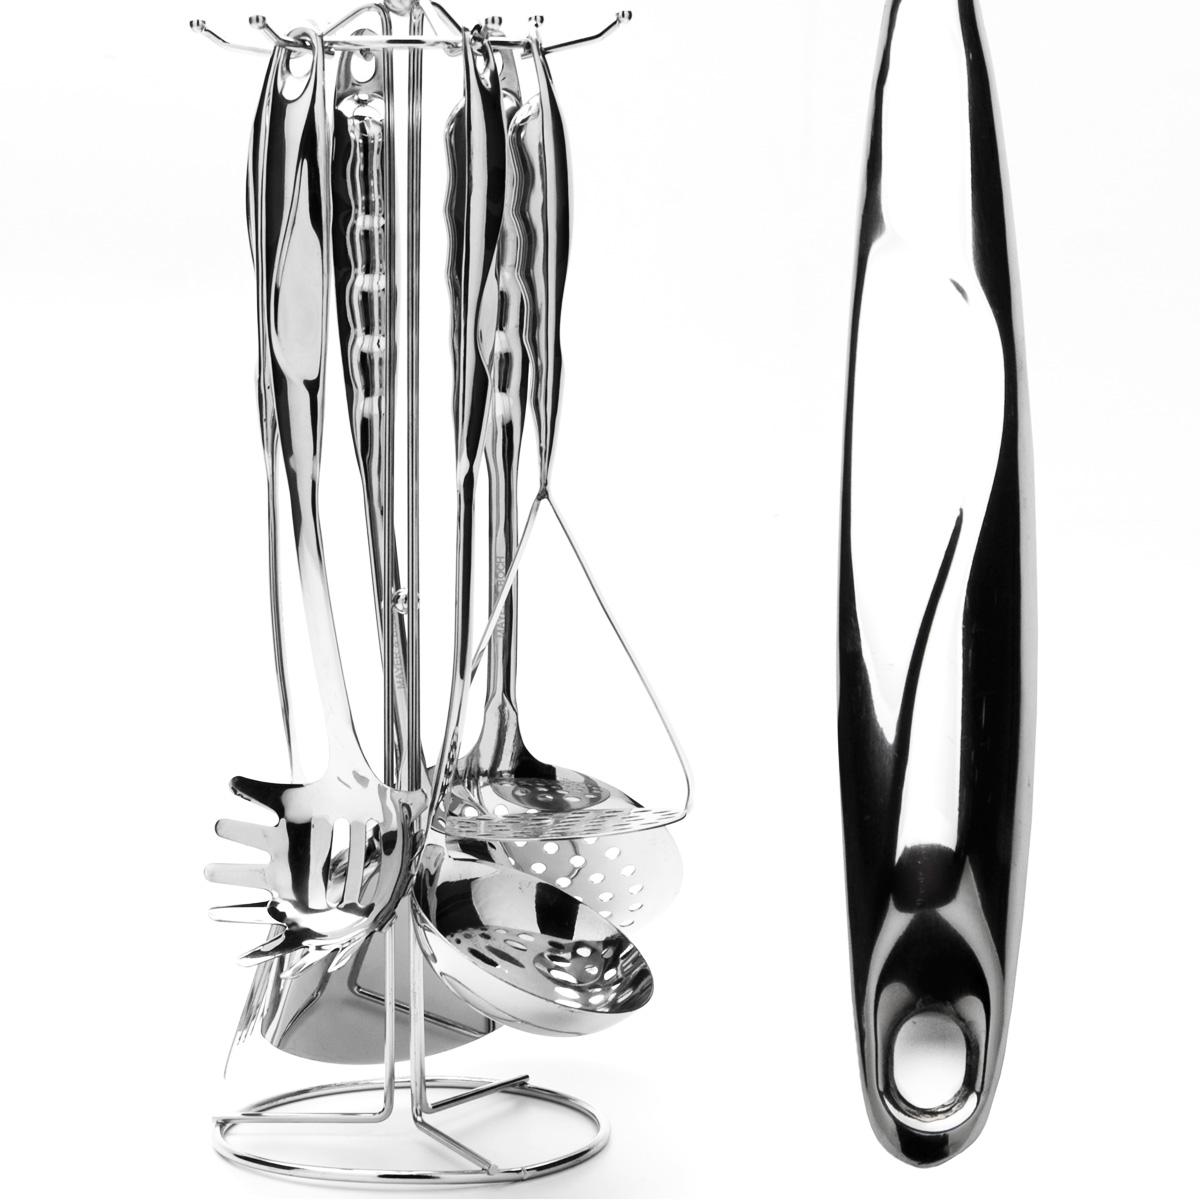 Набор кухонных принадлежностей Mayer & Boch, 7 предметов. 2379223792Набор кухонных принадлежностей Mayer & Boch выполнен из высококачественной нержавеющей стали c зеркальной поверхностью. Набор состоит из ложки для спагетти, половника, шумовки, двух лопаток (одна с прорезями, другая - без), картофелемялки и подставки. Все кухонные принадлежности имеют петельку, с помощью которой их можно подвесить на подставку с крючками.Эксклюзивный дизайн, эстетичность и функциональность набора позволят ему занять достойное место среди кухонного инвентаря. Набор пригоден для мытья в посудомоечной машине. Длина ложки для спагетти: 32 см. Размер рабочей поверхности ложки для спагетти: 8,5 см х 8 см. Длина половника: 34 см. Диаметр рабочей поверхности половника: 9 см. Длина шумовки: 35 см. Диаметр рабочей поверхности шумовки: 12 см. Длина лопатки: 37 см. Размер рабочей поверхности лопатки: 9 см х 10 см. Длина лопатки с прорезями: 36 см. Размер рабочей поверхности лопатки с прорезями: 8 см х 8 см. Длина картофелемялки: 27 см. Размер рабочей поверхности картофелемялки: 9 см х 9 см. Размер подставки: 14 см х 14 см х 41 см.